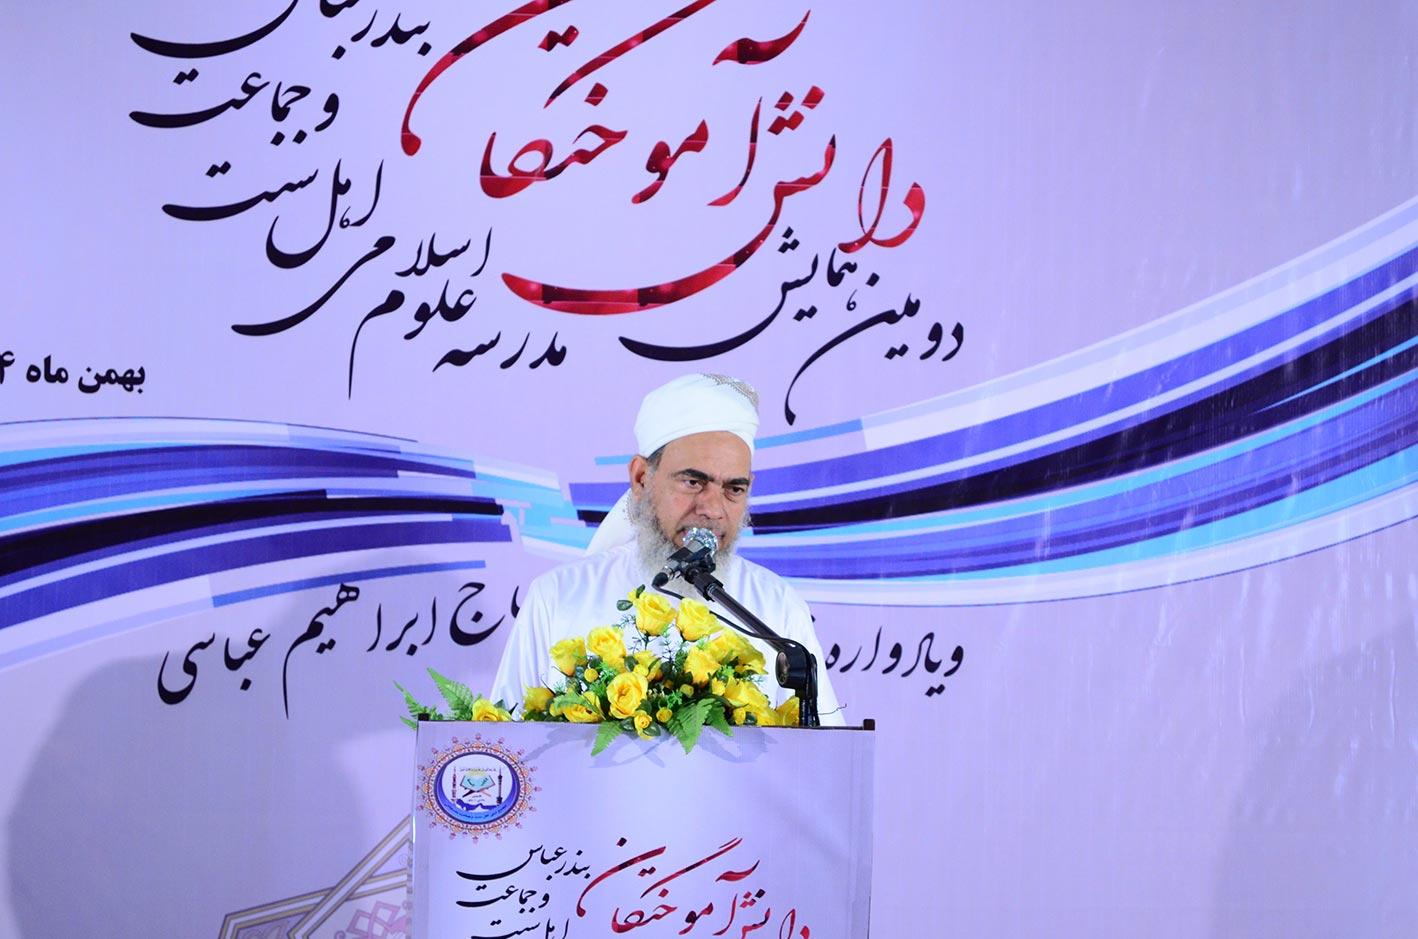 شیخ عبدالرحیم خطیبی